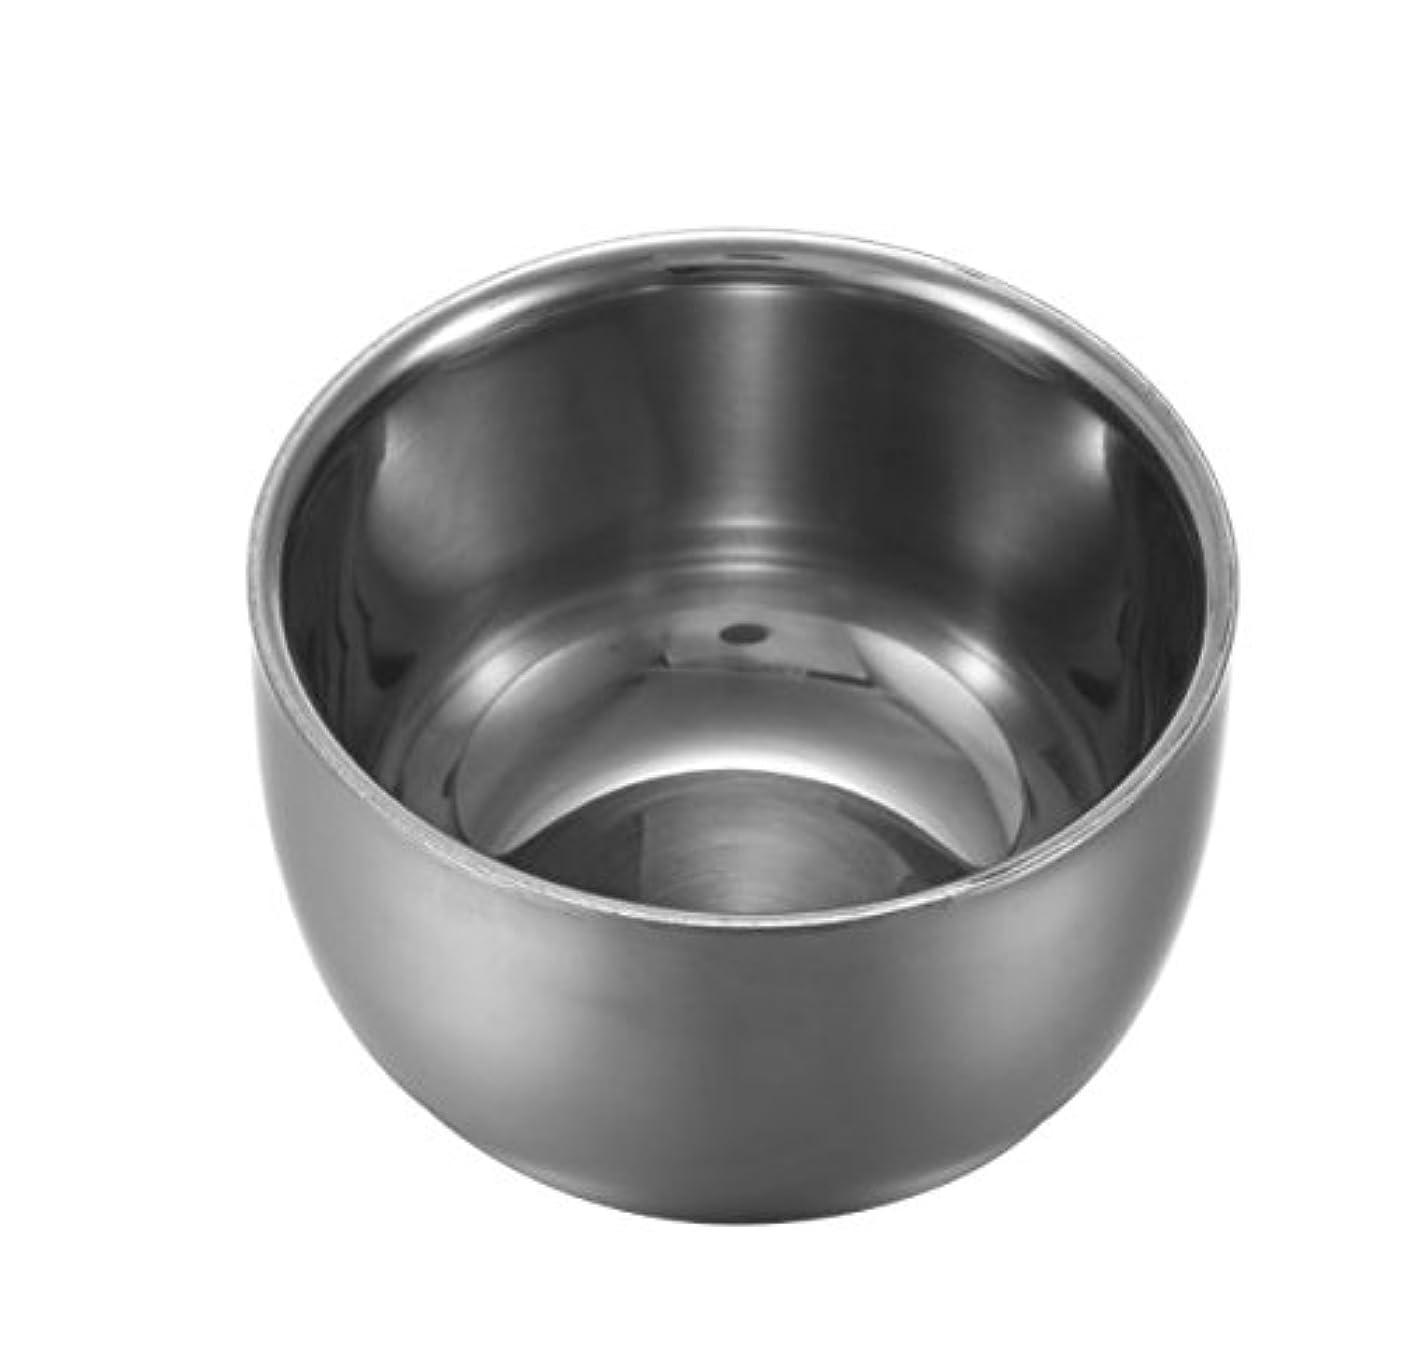 生活無道7.5cm Stainless Steel Shaving Bowl Barber Beard Razor Cup For Shave Brush Male Face Cleaning Soap Mug Tool